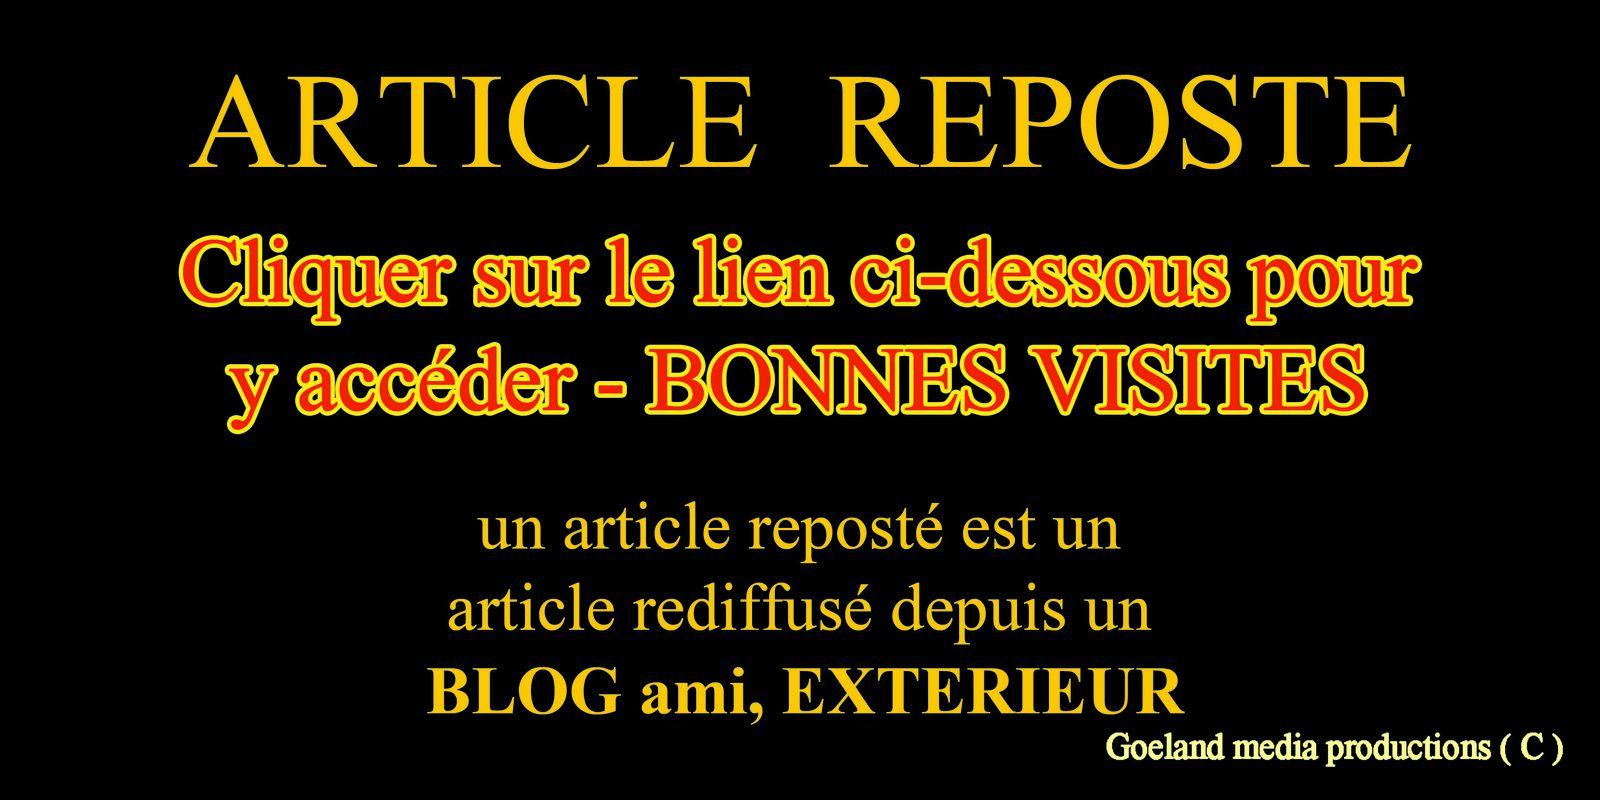 Pour accéder à l'article complet, cliquer sur le LIEN CI-DESSOUS - goelandmedia.prod@gmail.com (c)